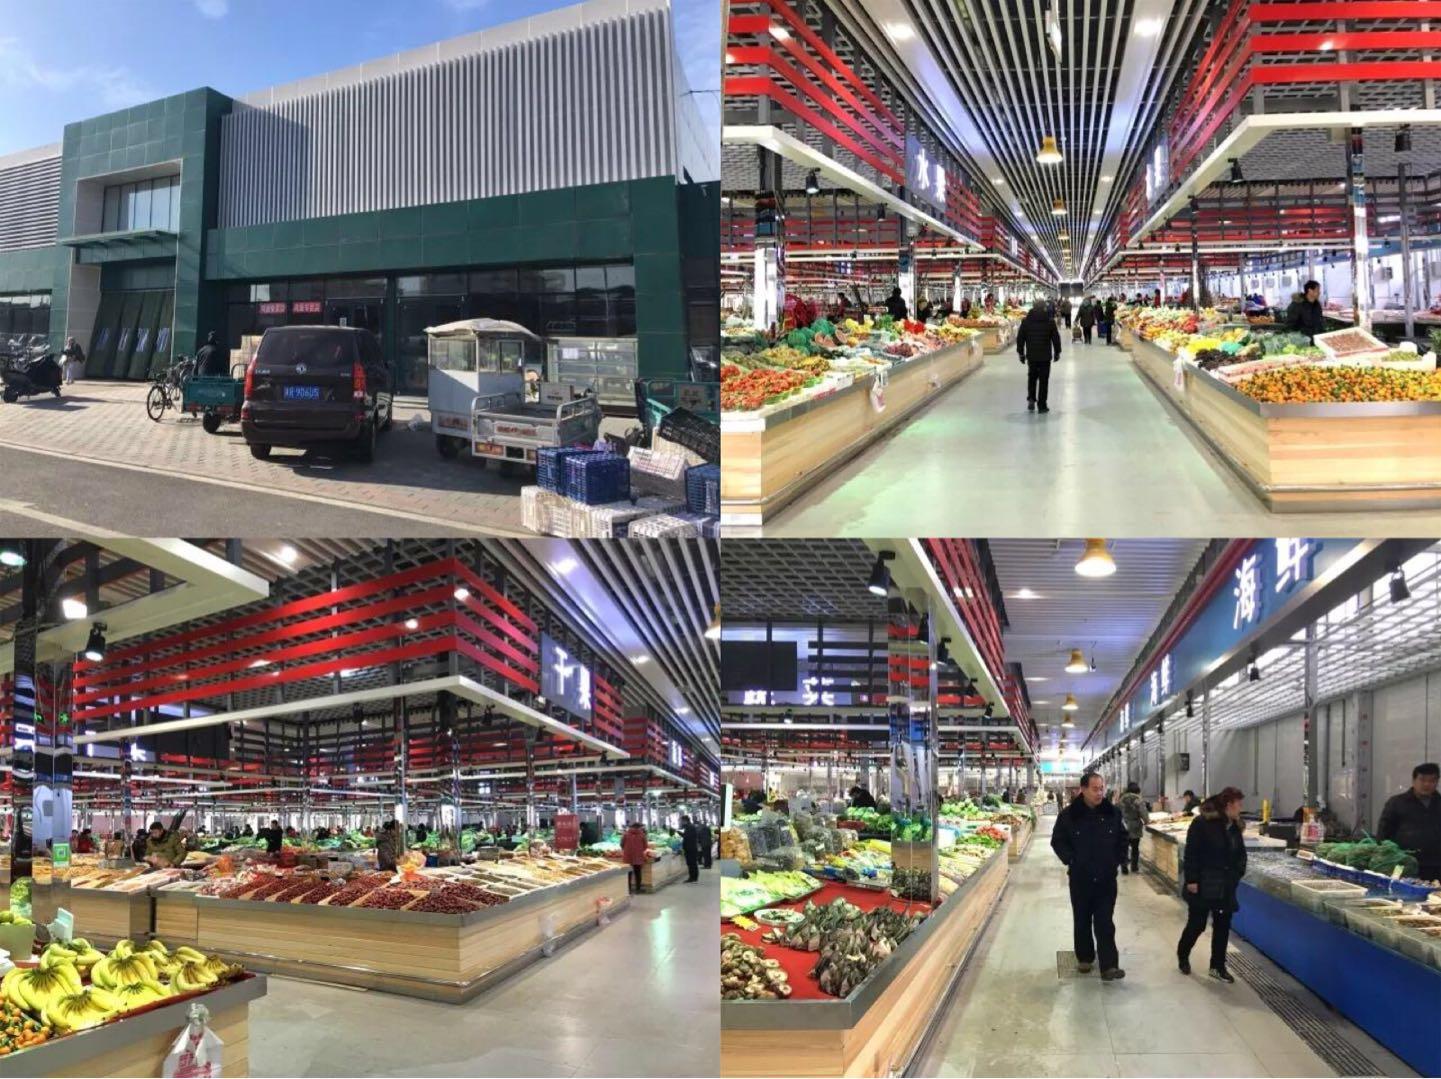 北京东潞苑农贸市场改造后—一鸿市场研究中心